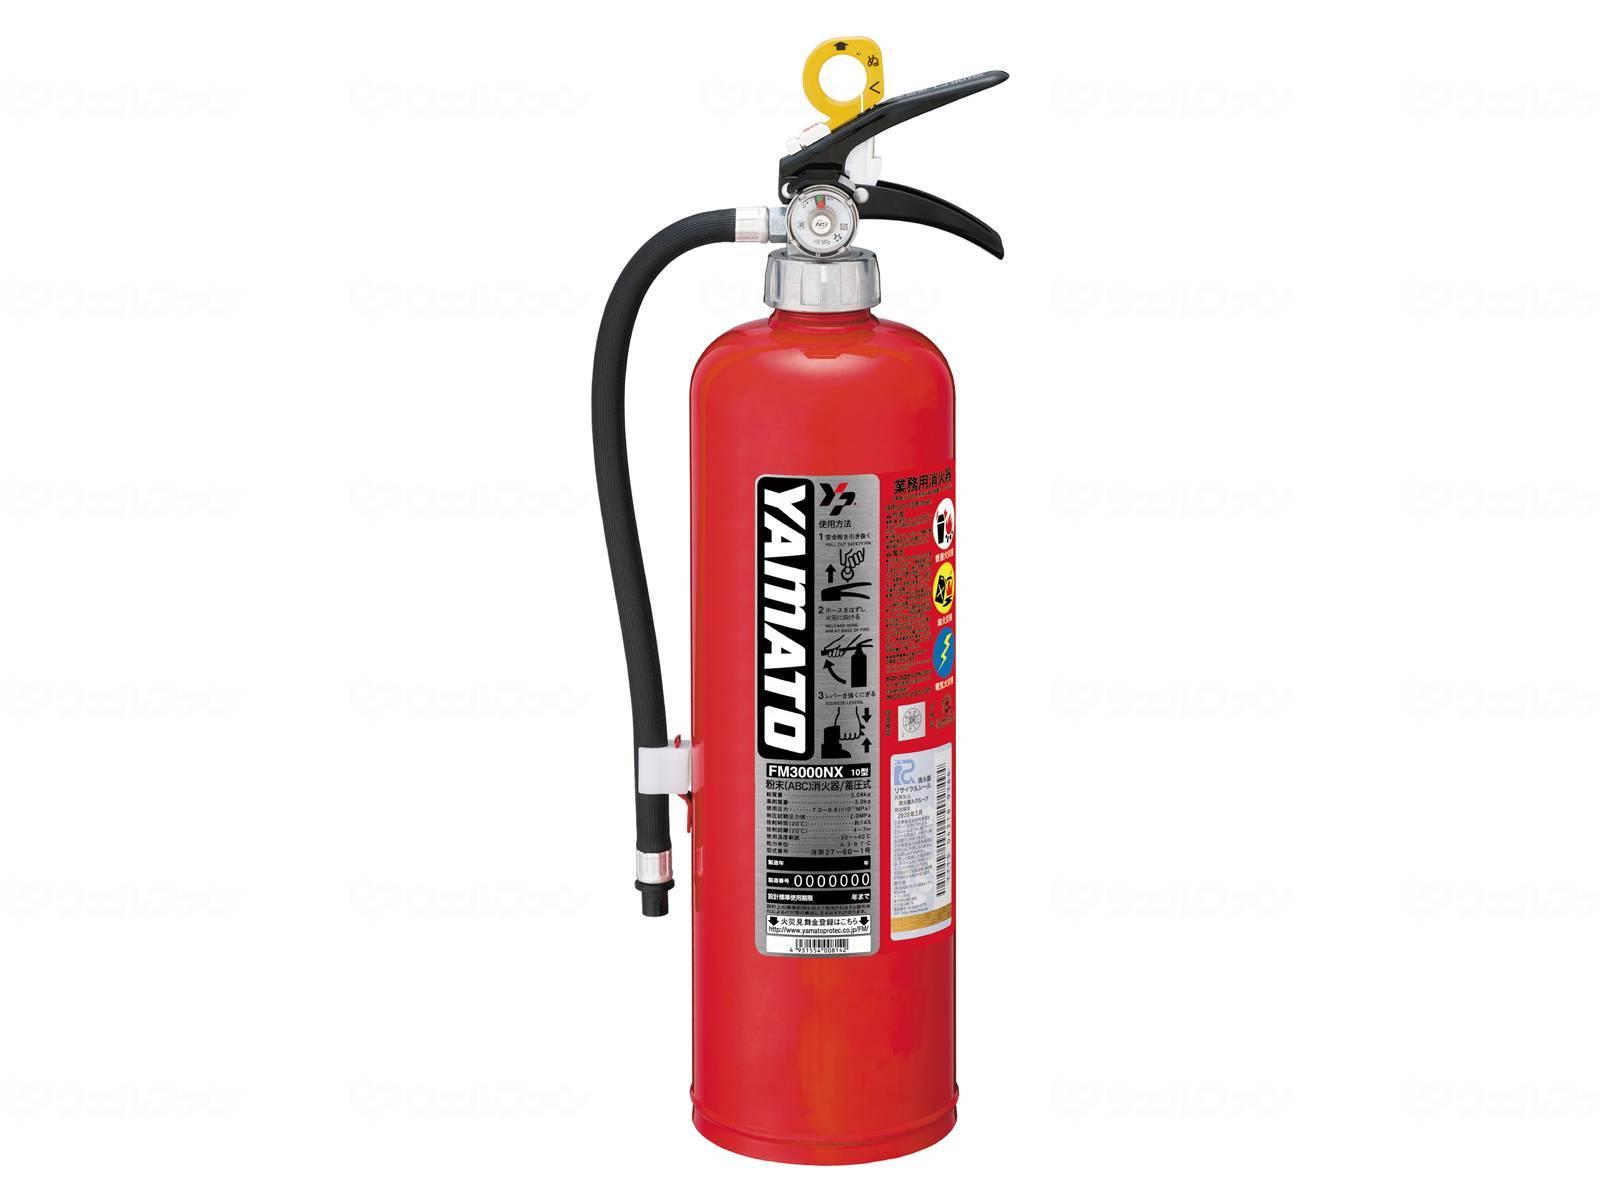 蓄圧式粉末(ABC)消火器 業務用